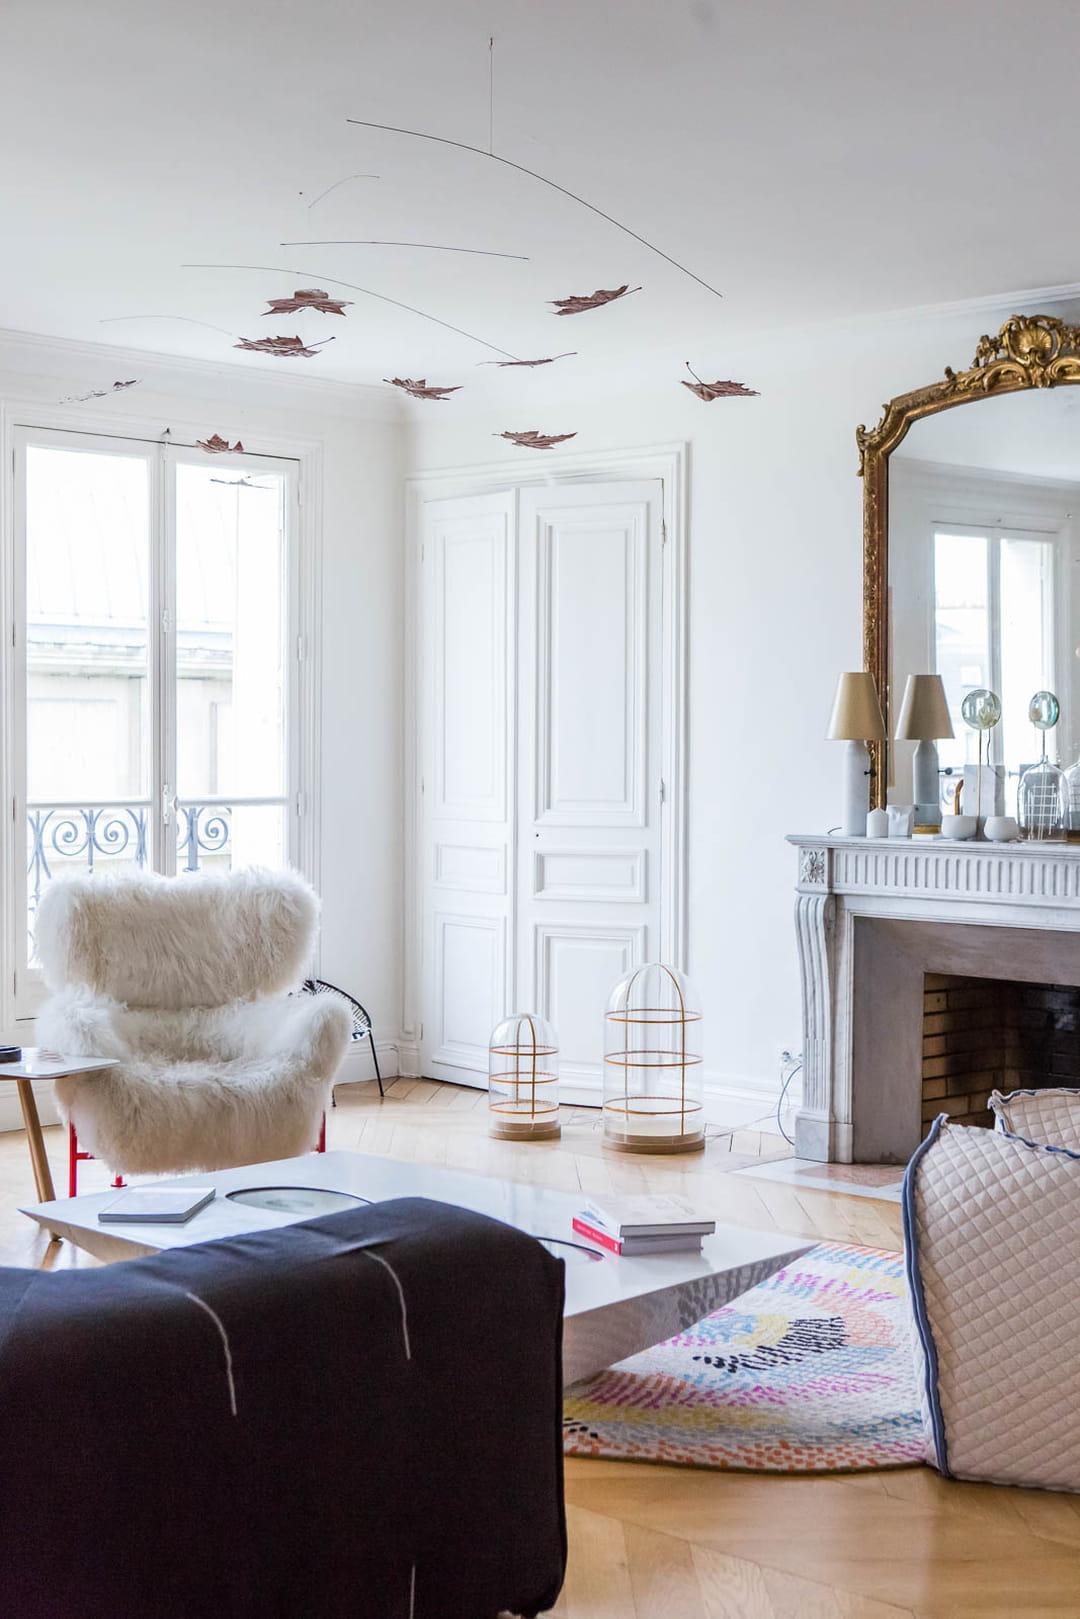 7 id es pour gayer un plafond. Black Bedroom Furniture Sets. Home Design Ideas